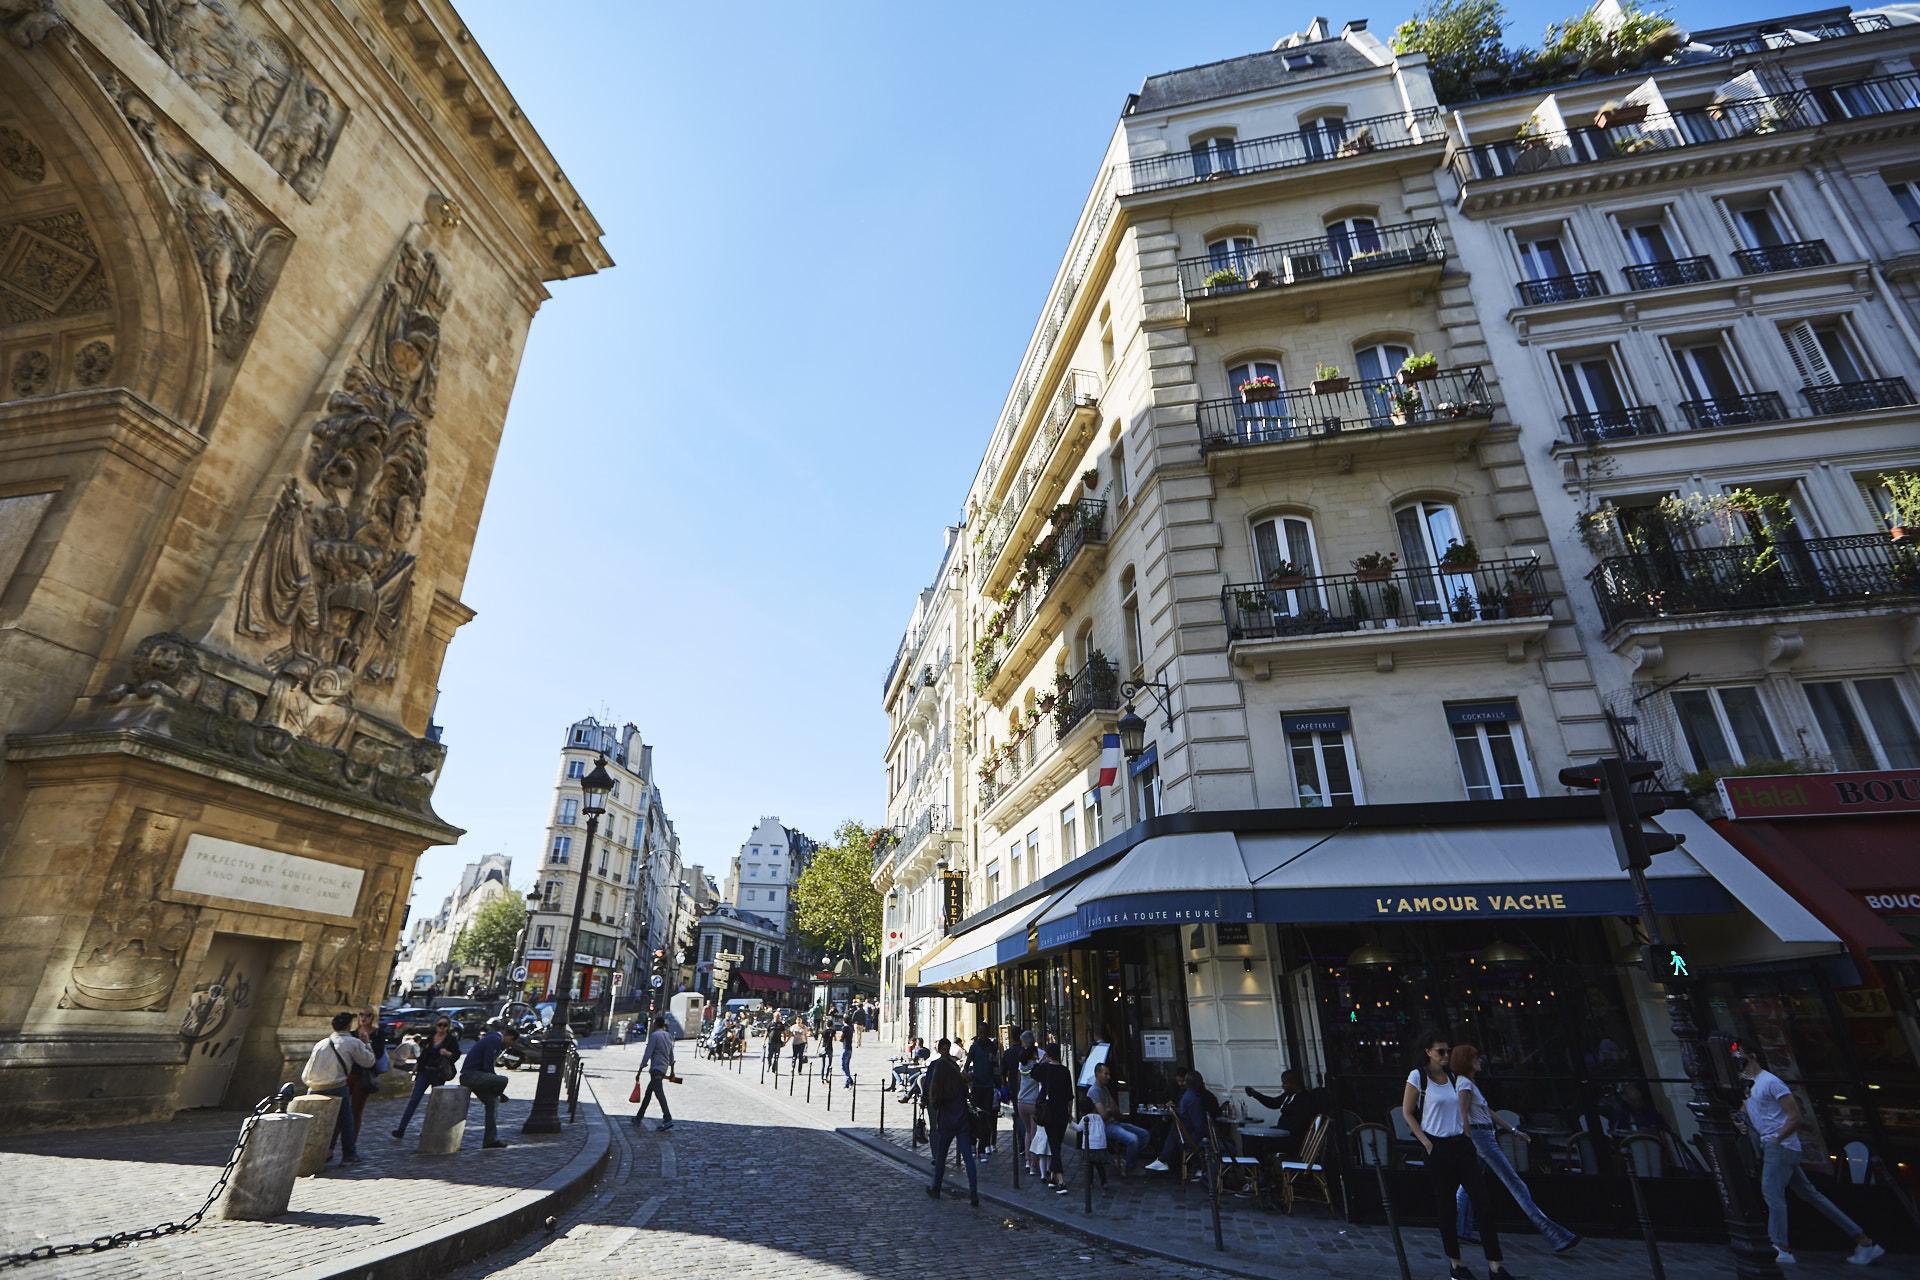 Porte Saint-Denis L'Amour Vache Brasserie